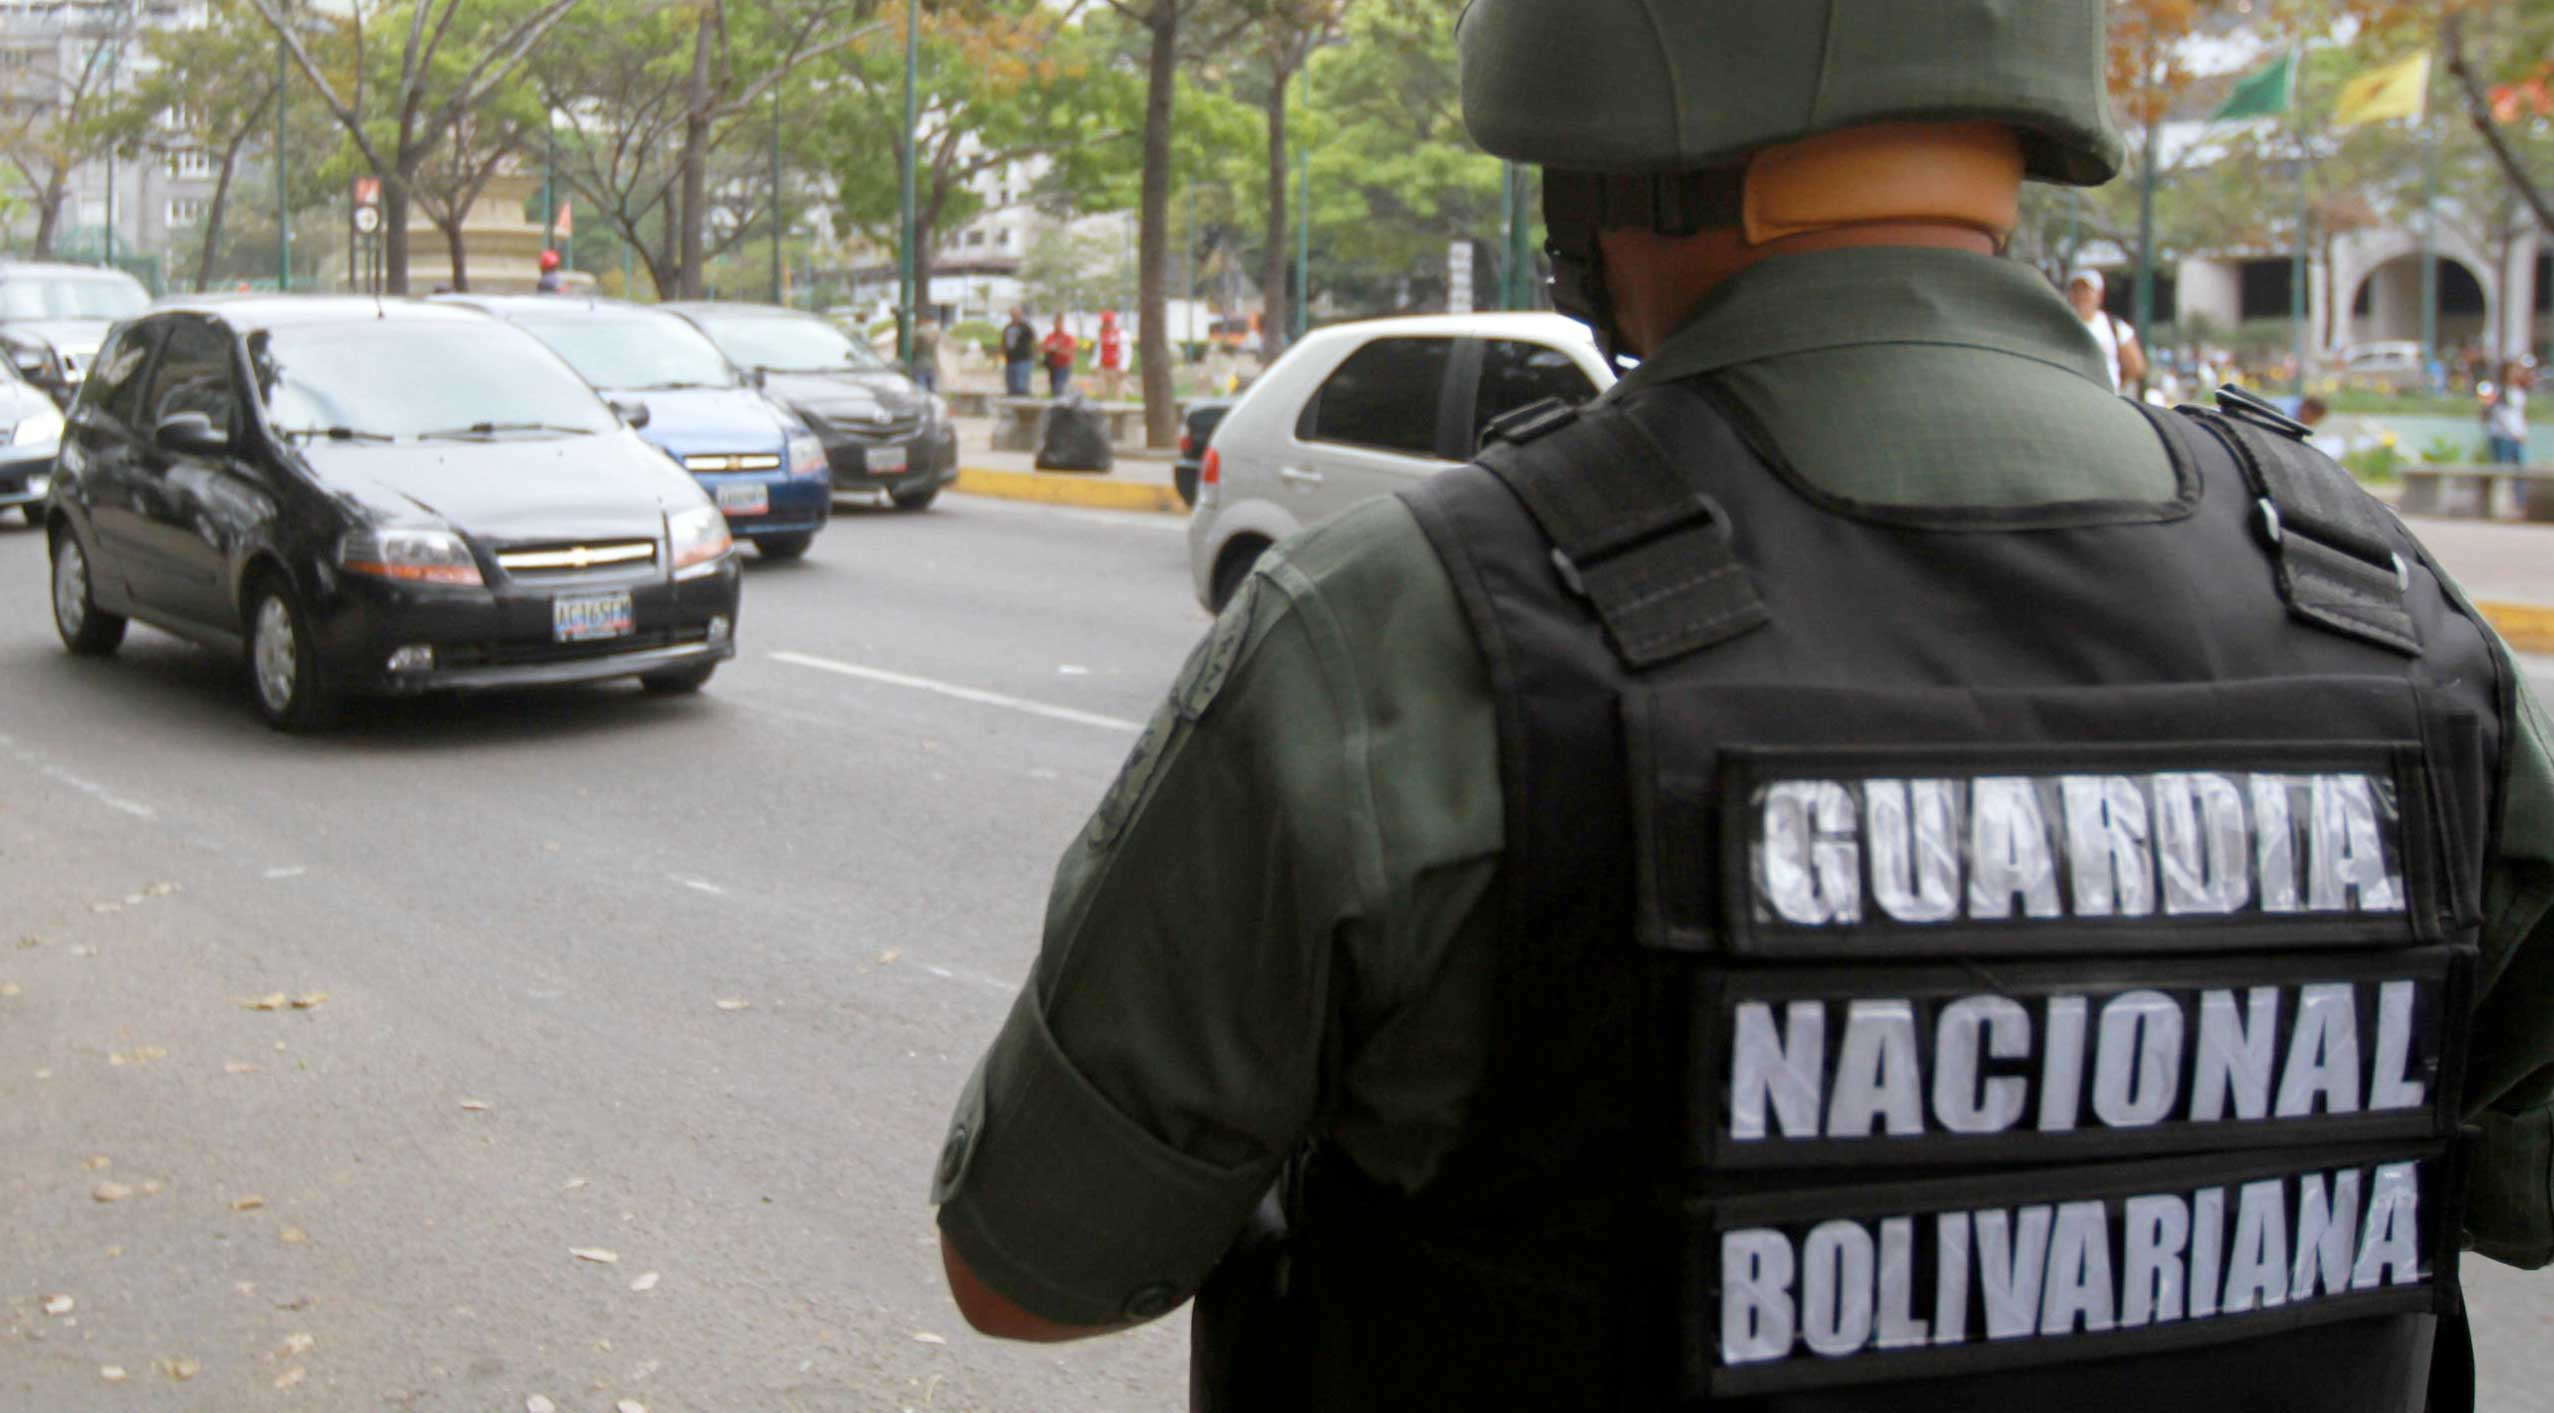 El Sindicato Nacional de Trabajadores de la Prensa informó el suceso, que después fue confirmado por el propio fotógrafo